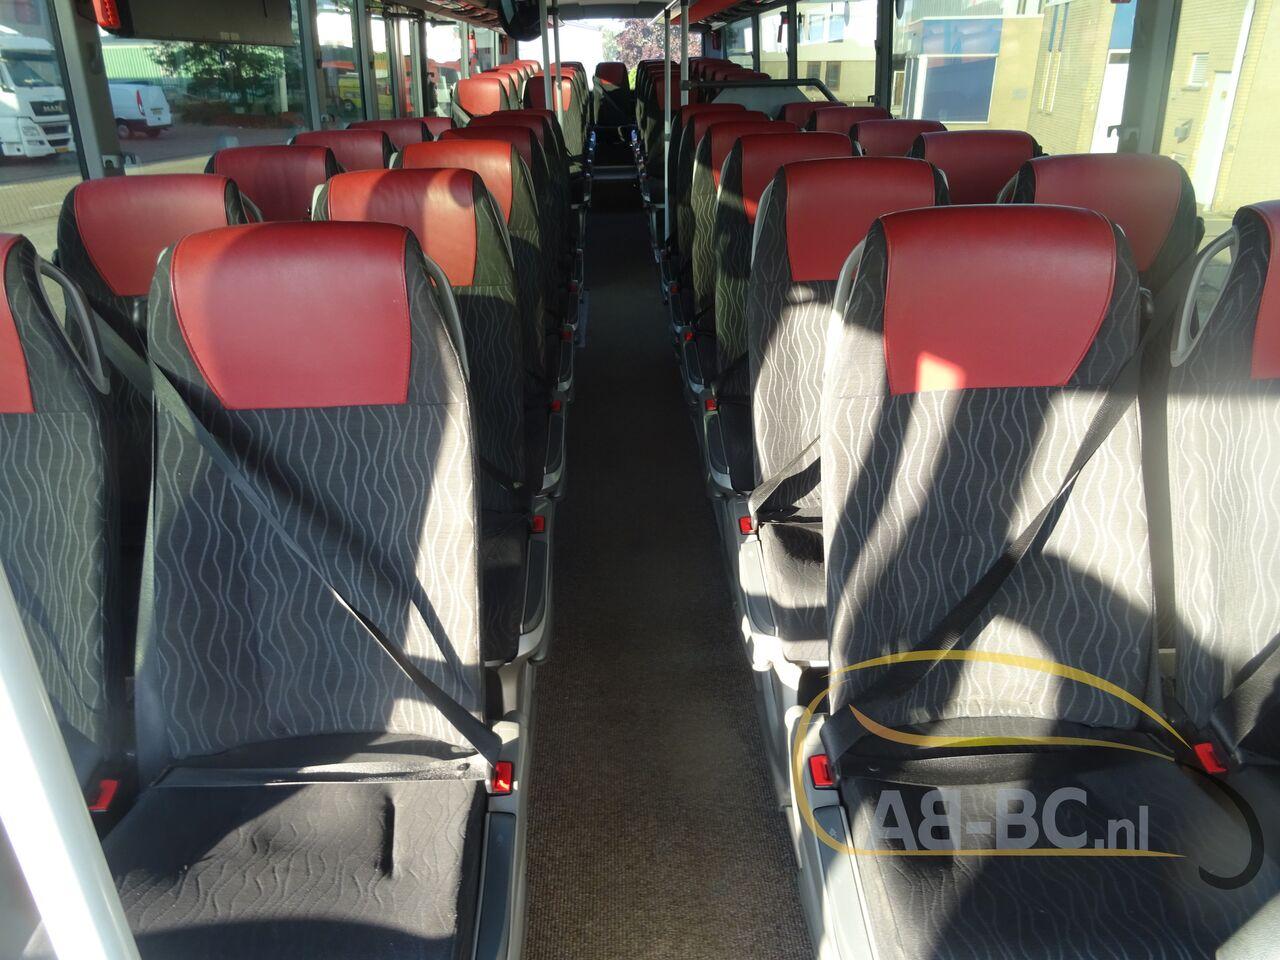 coach-bus-SETRA-S415H-52-Seats-EURO-6-Liftbus---1630913367228693234_big_42a62cf65cb287123e5ceb6d8d336f42--21070517141280735500